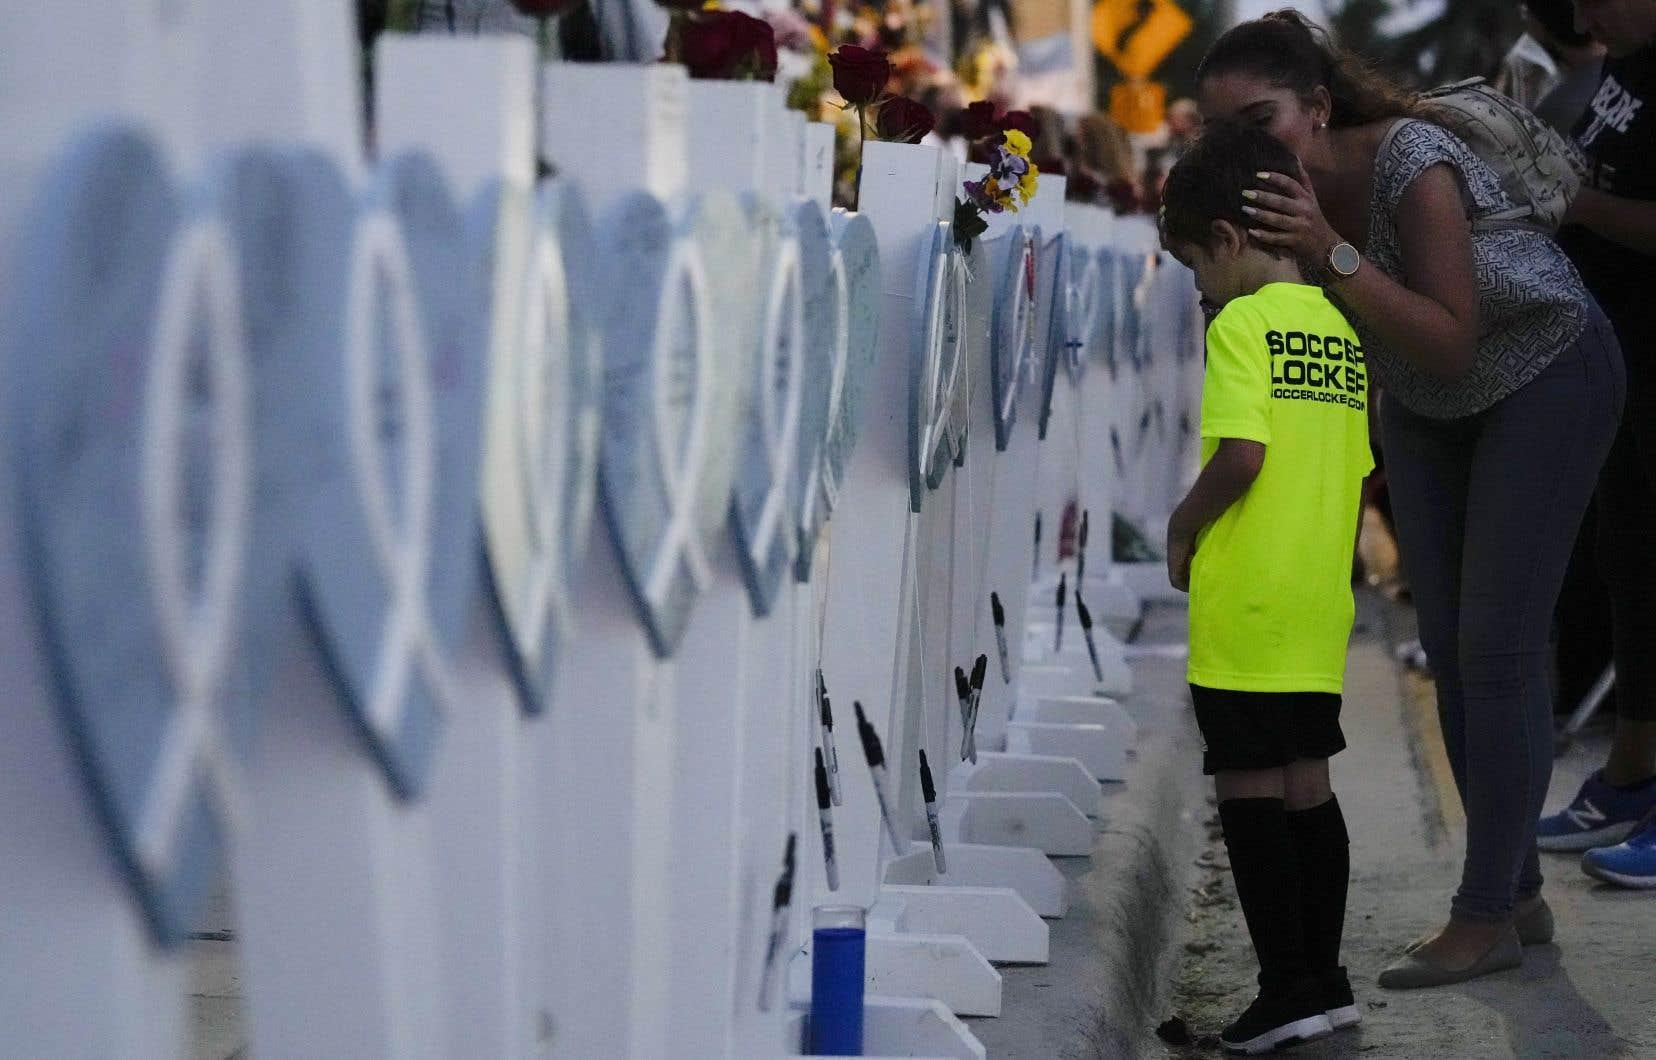 D'après les informations transmises par les autorités locales, au moins 97 personnes sont mortes dans la tragédie du 24 juin dernier. En date de lundi, 95 victimes avaient pu être identifiées.